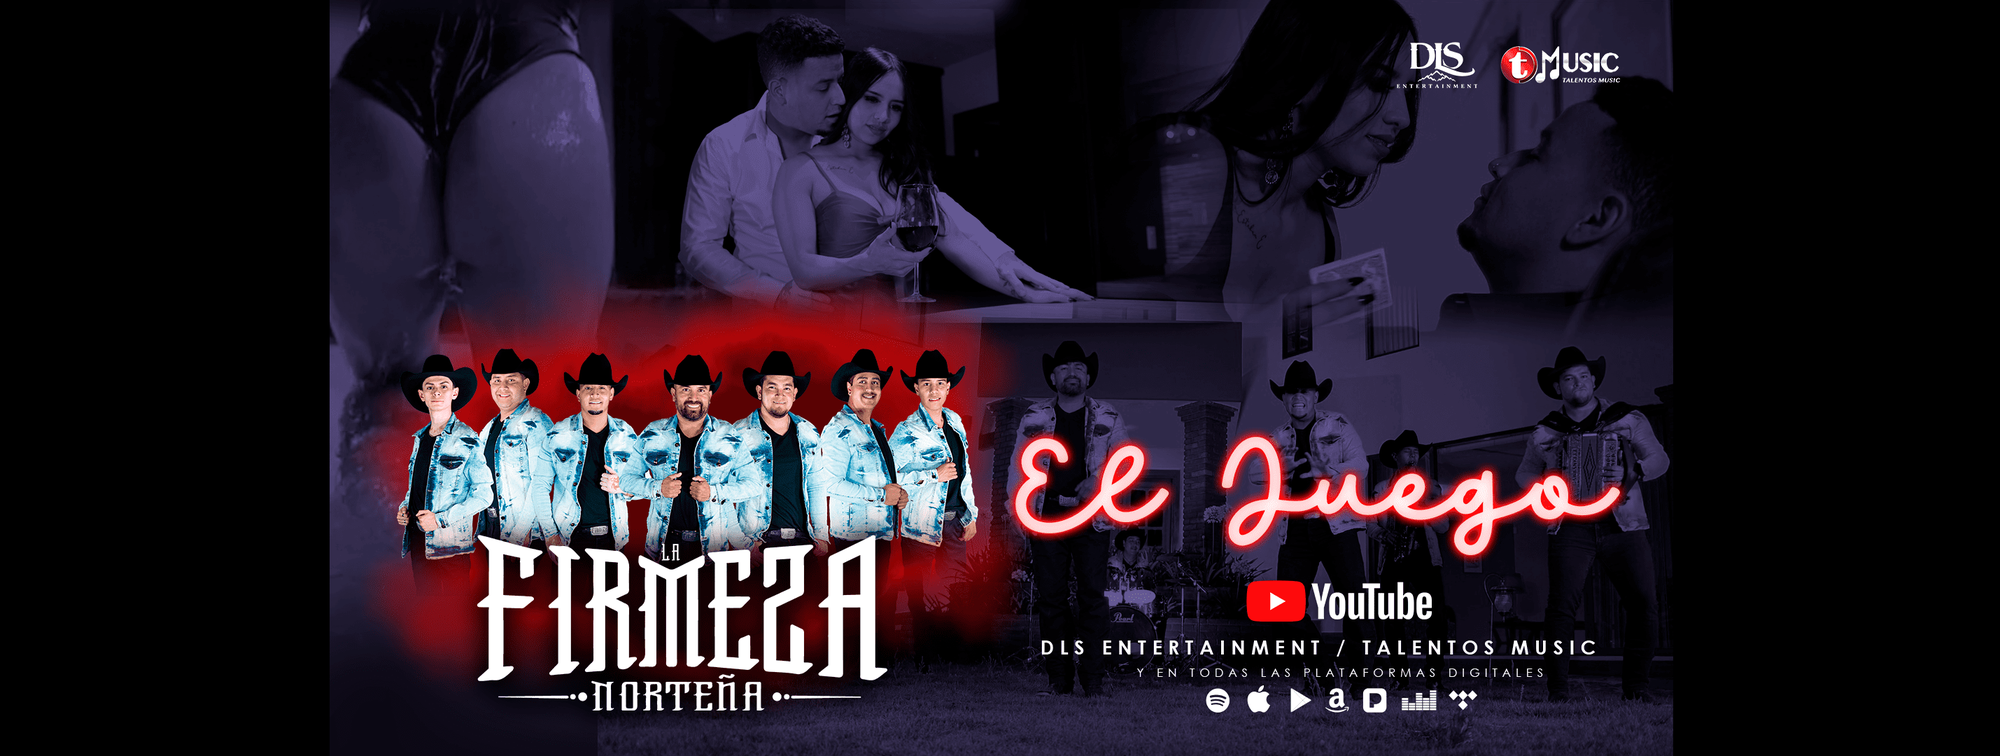 """DLS Entertainment y Talentos Music LLC presentan """"El Juego"""" el más reciente Sencillo y Video Oficial de """"La Firmeza Norteña"""" Disponible en Plataformas Digitales"""